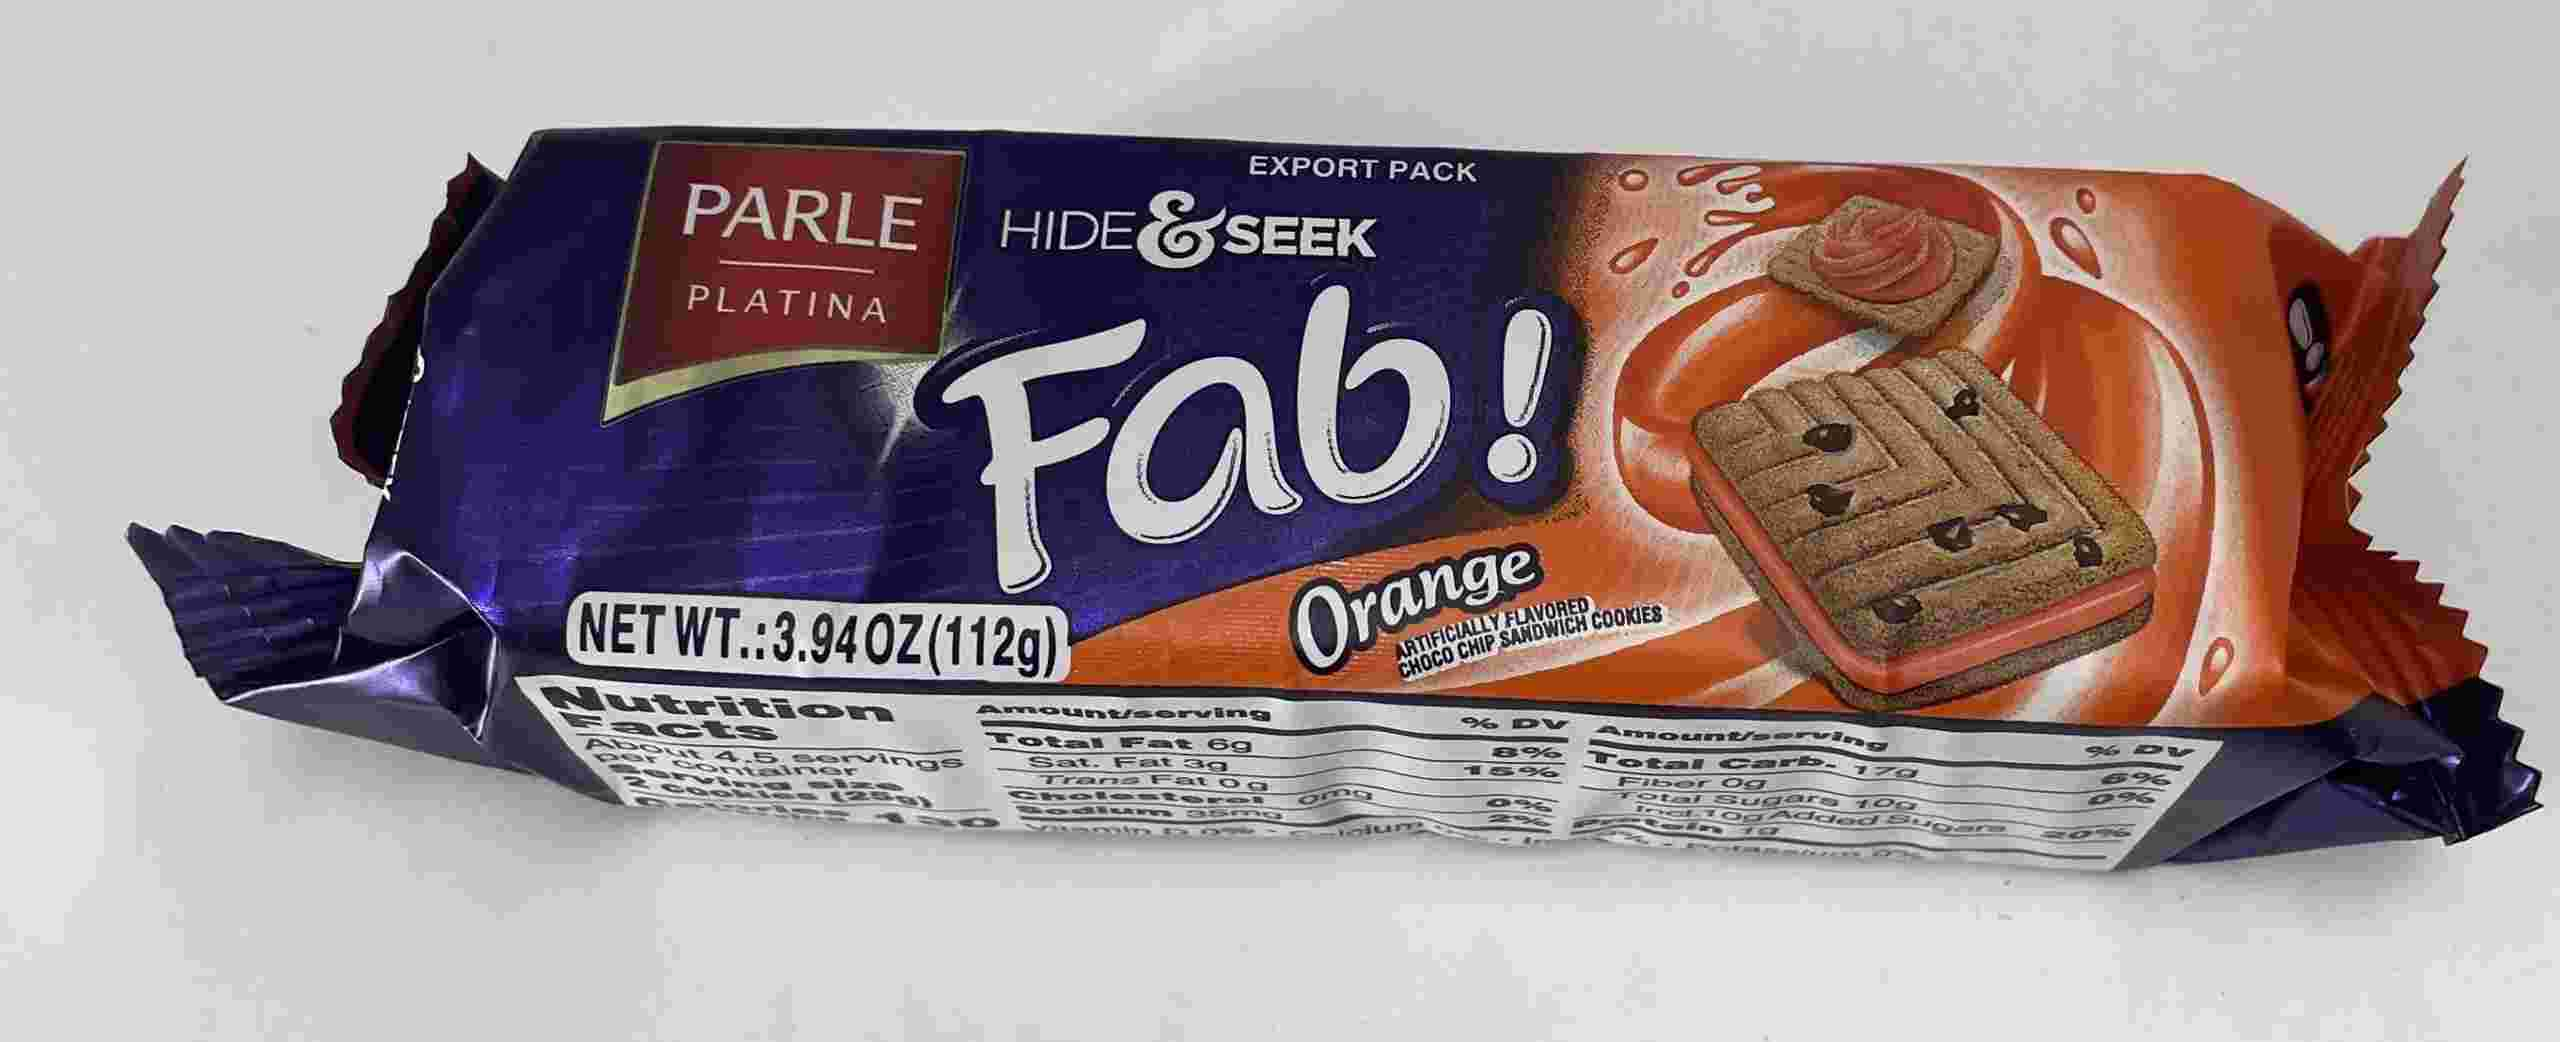 Parle Hide & Seek Fab Orange